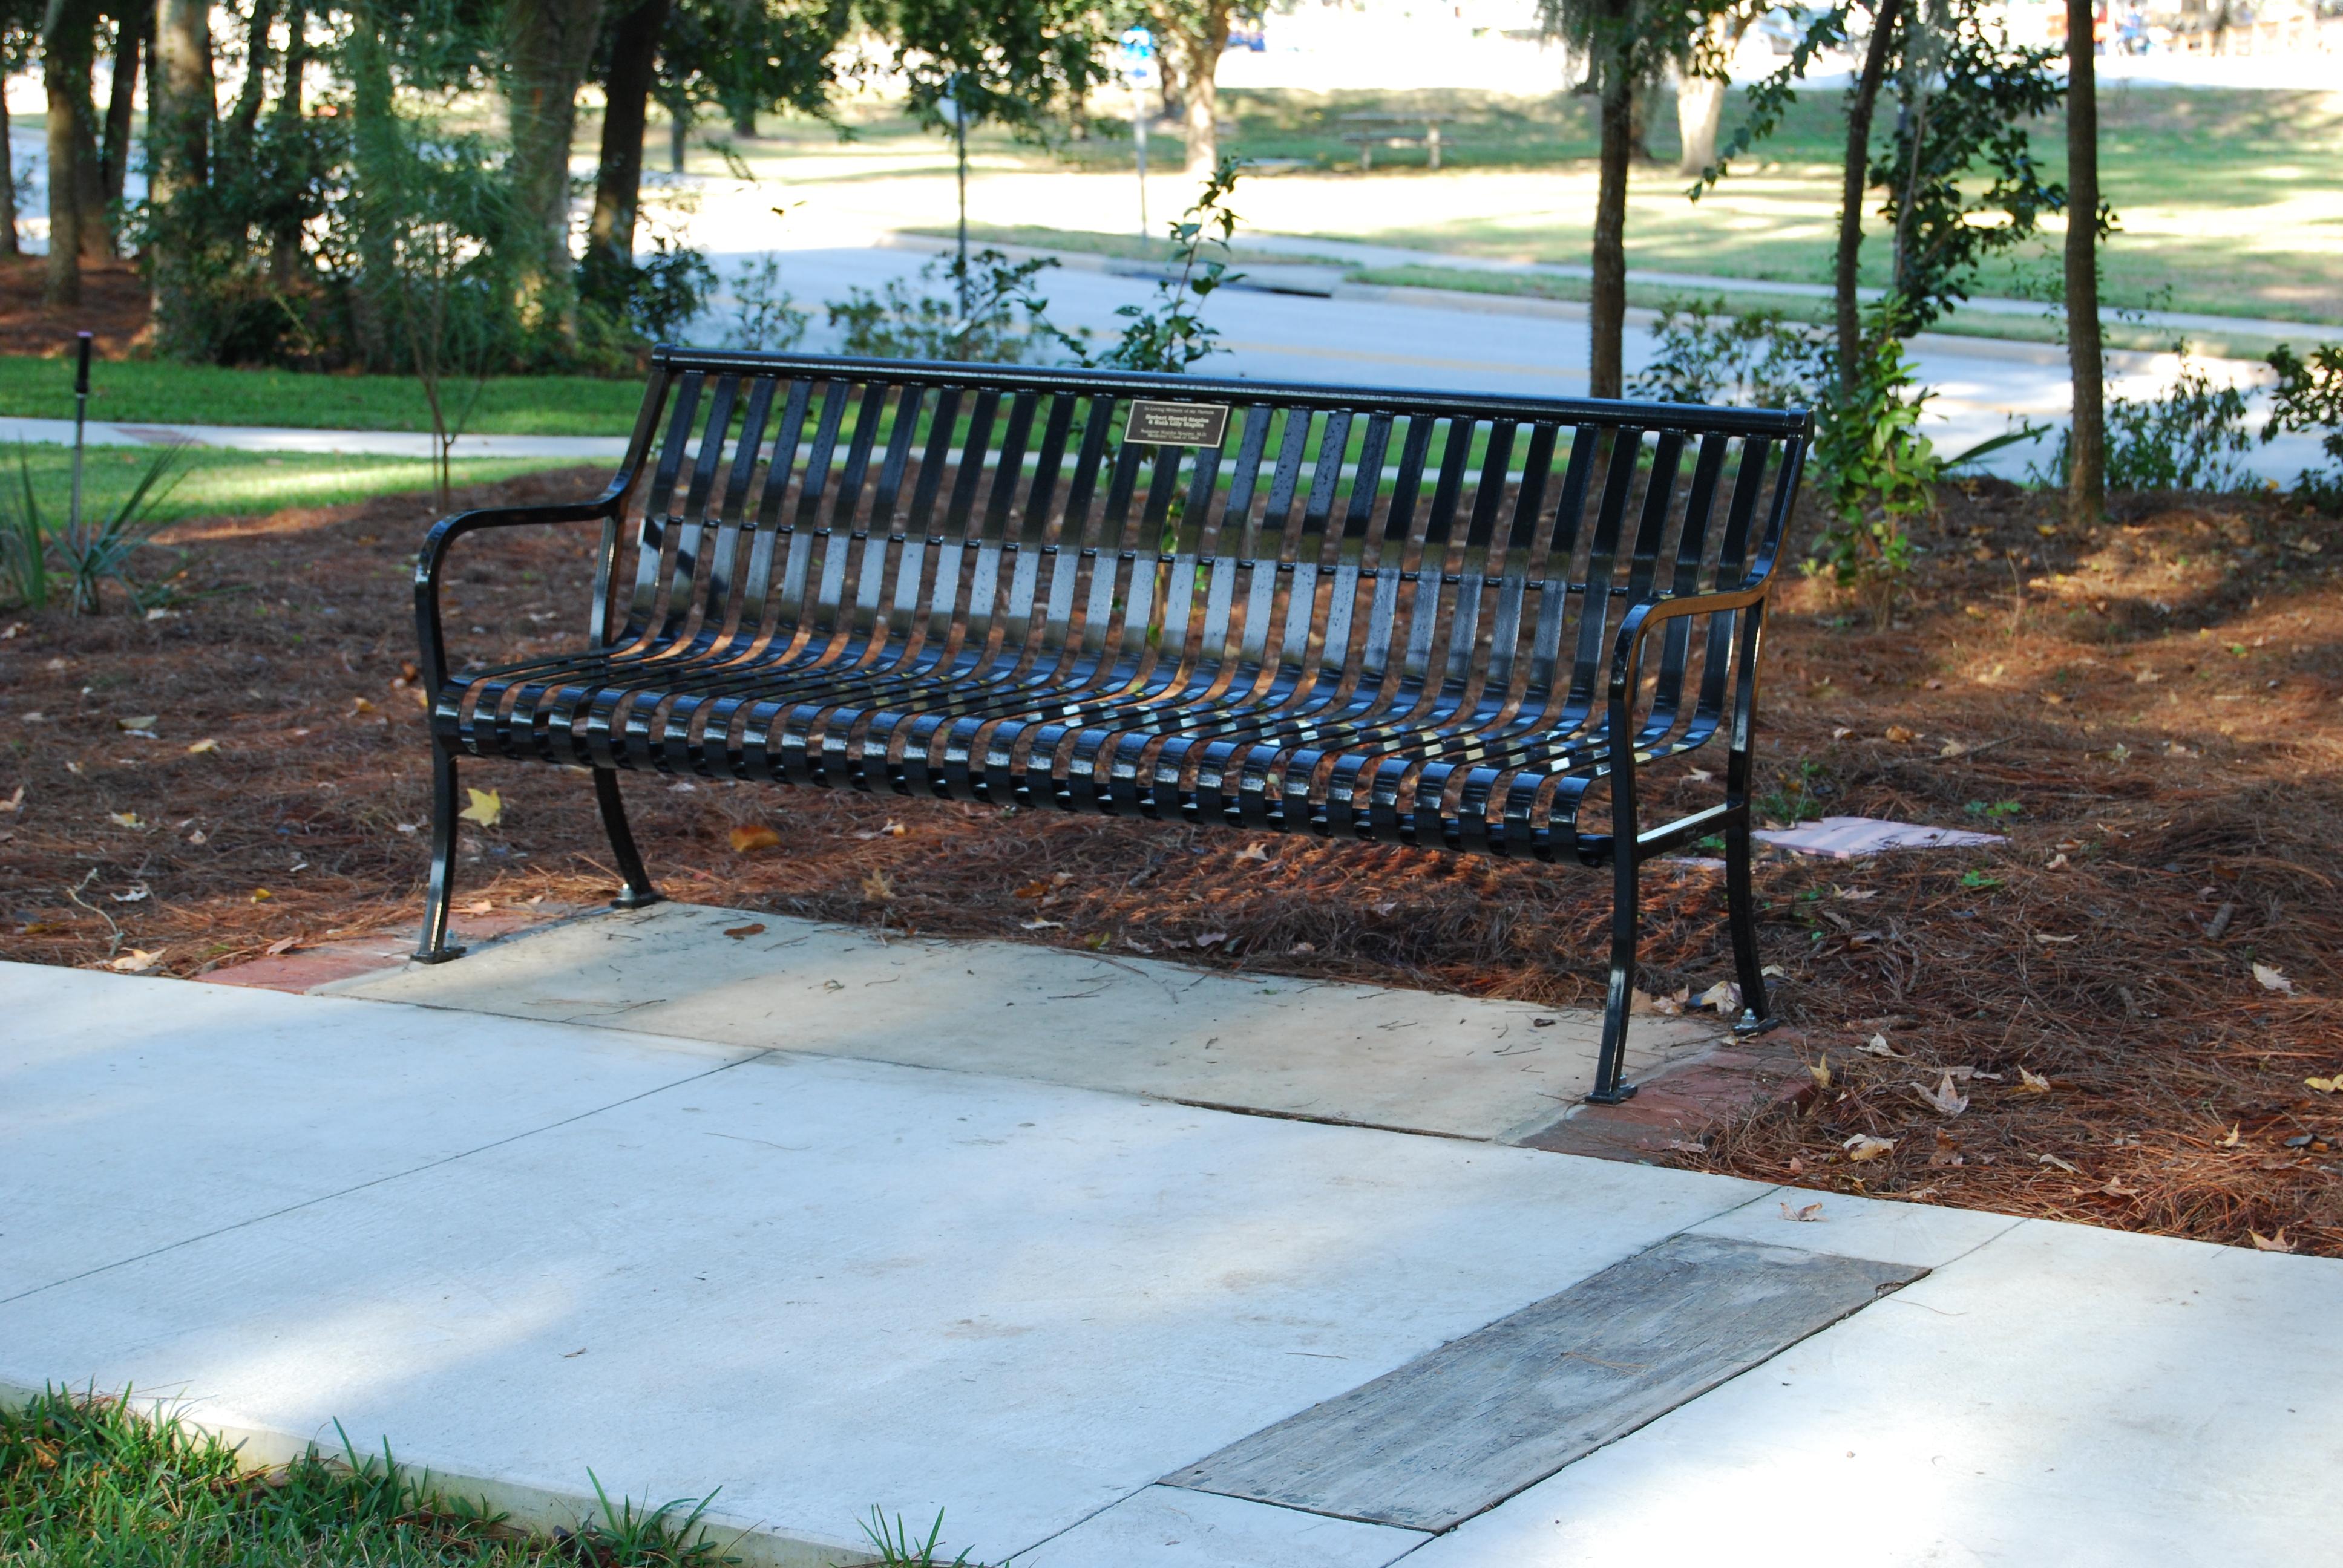 Pleasing Bricks Benches Wilmot Botanical Gardens College Of Short Links Chair Design For Home Short Linksinfo